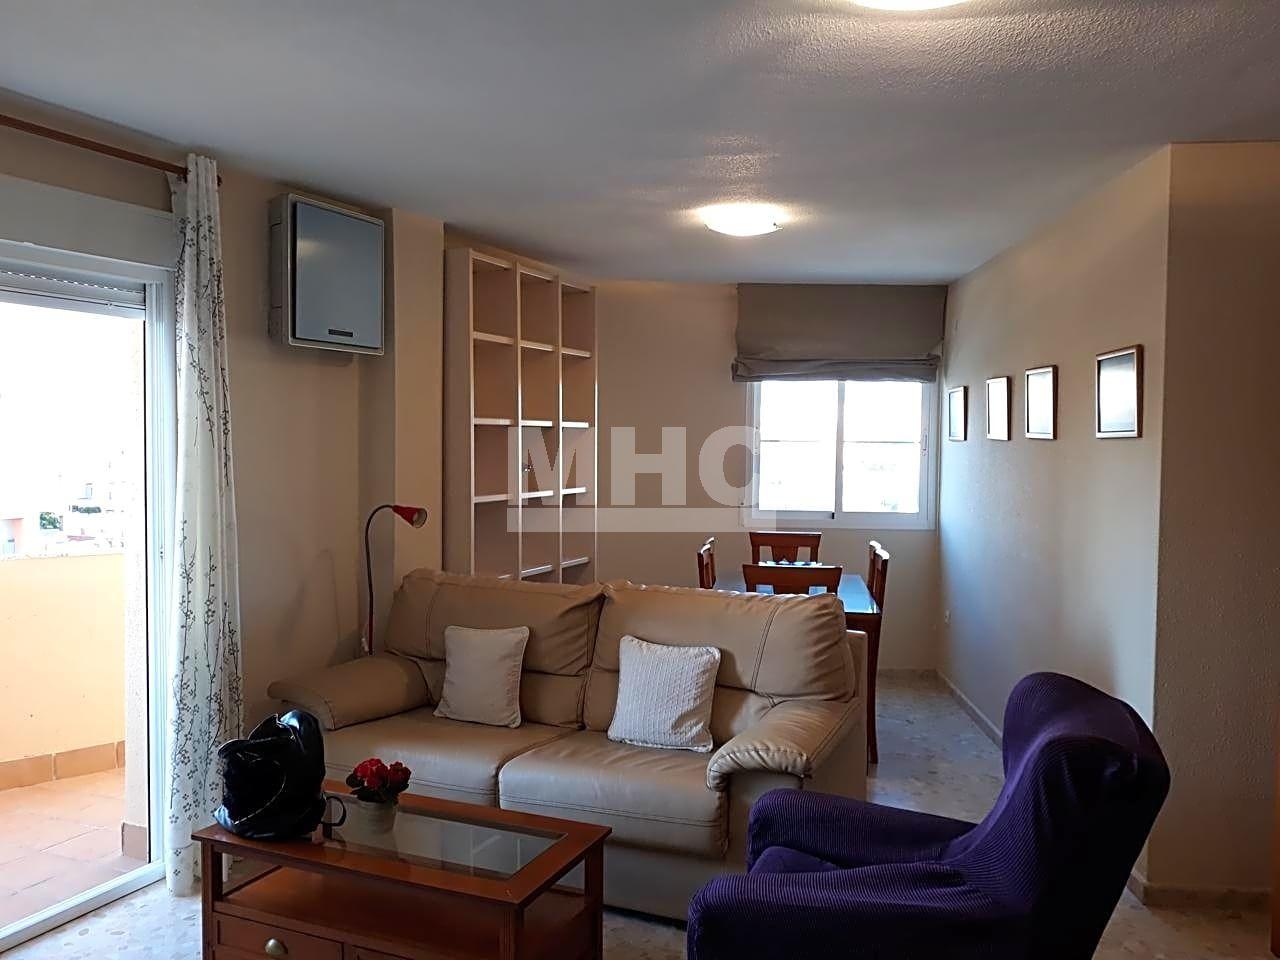 Mhc Servicios Inmobiliarios Piso En Alquiler En Roquetas De Mar